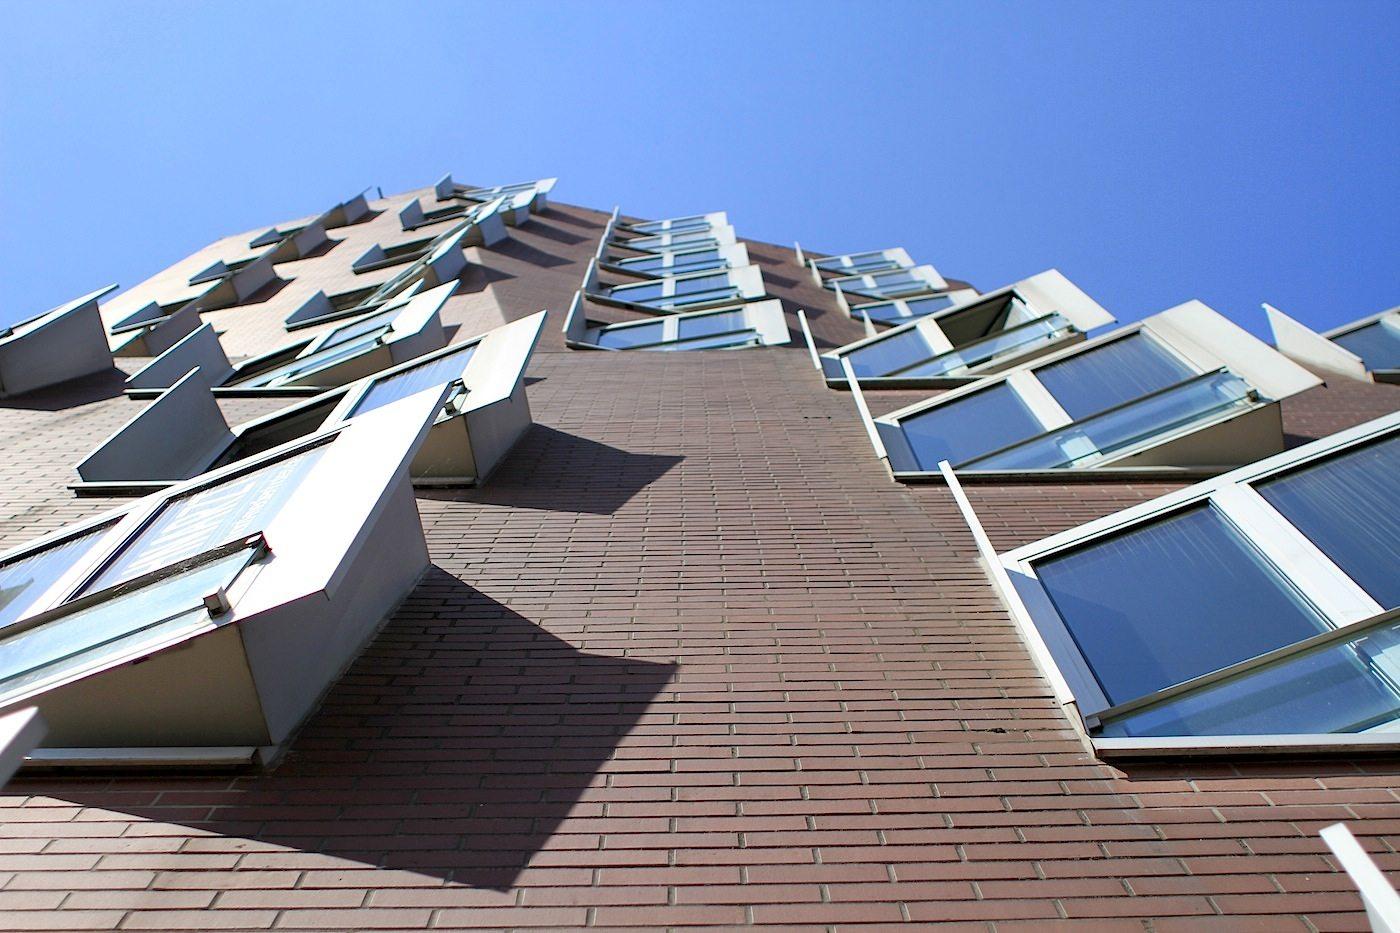 Neuer Zollhof 1–3.  Jedes aus den Rundungen der Fassaden hervorspringende Fenster des skulpturalen Gebäudekomplexes entstand in Sonderanfertigung.